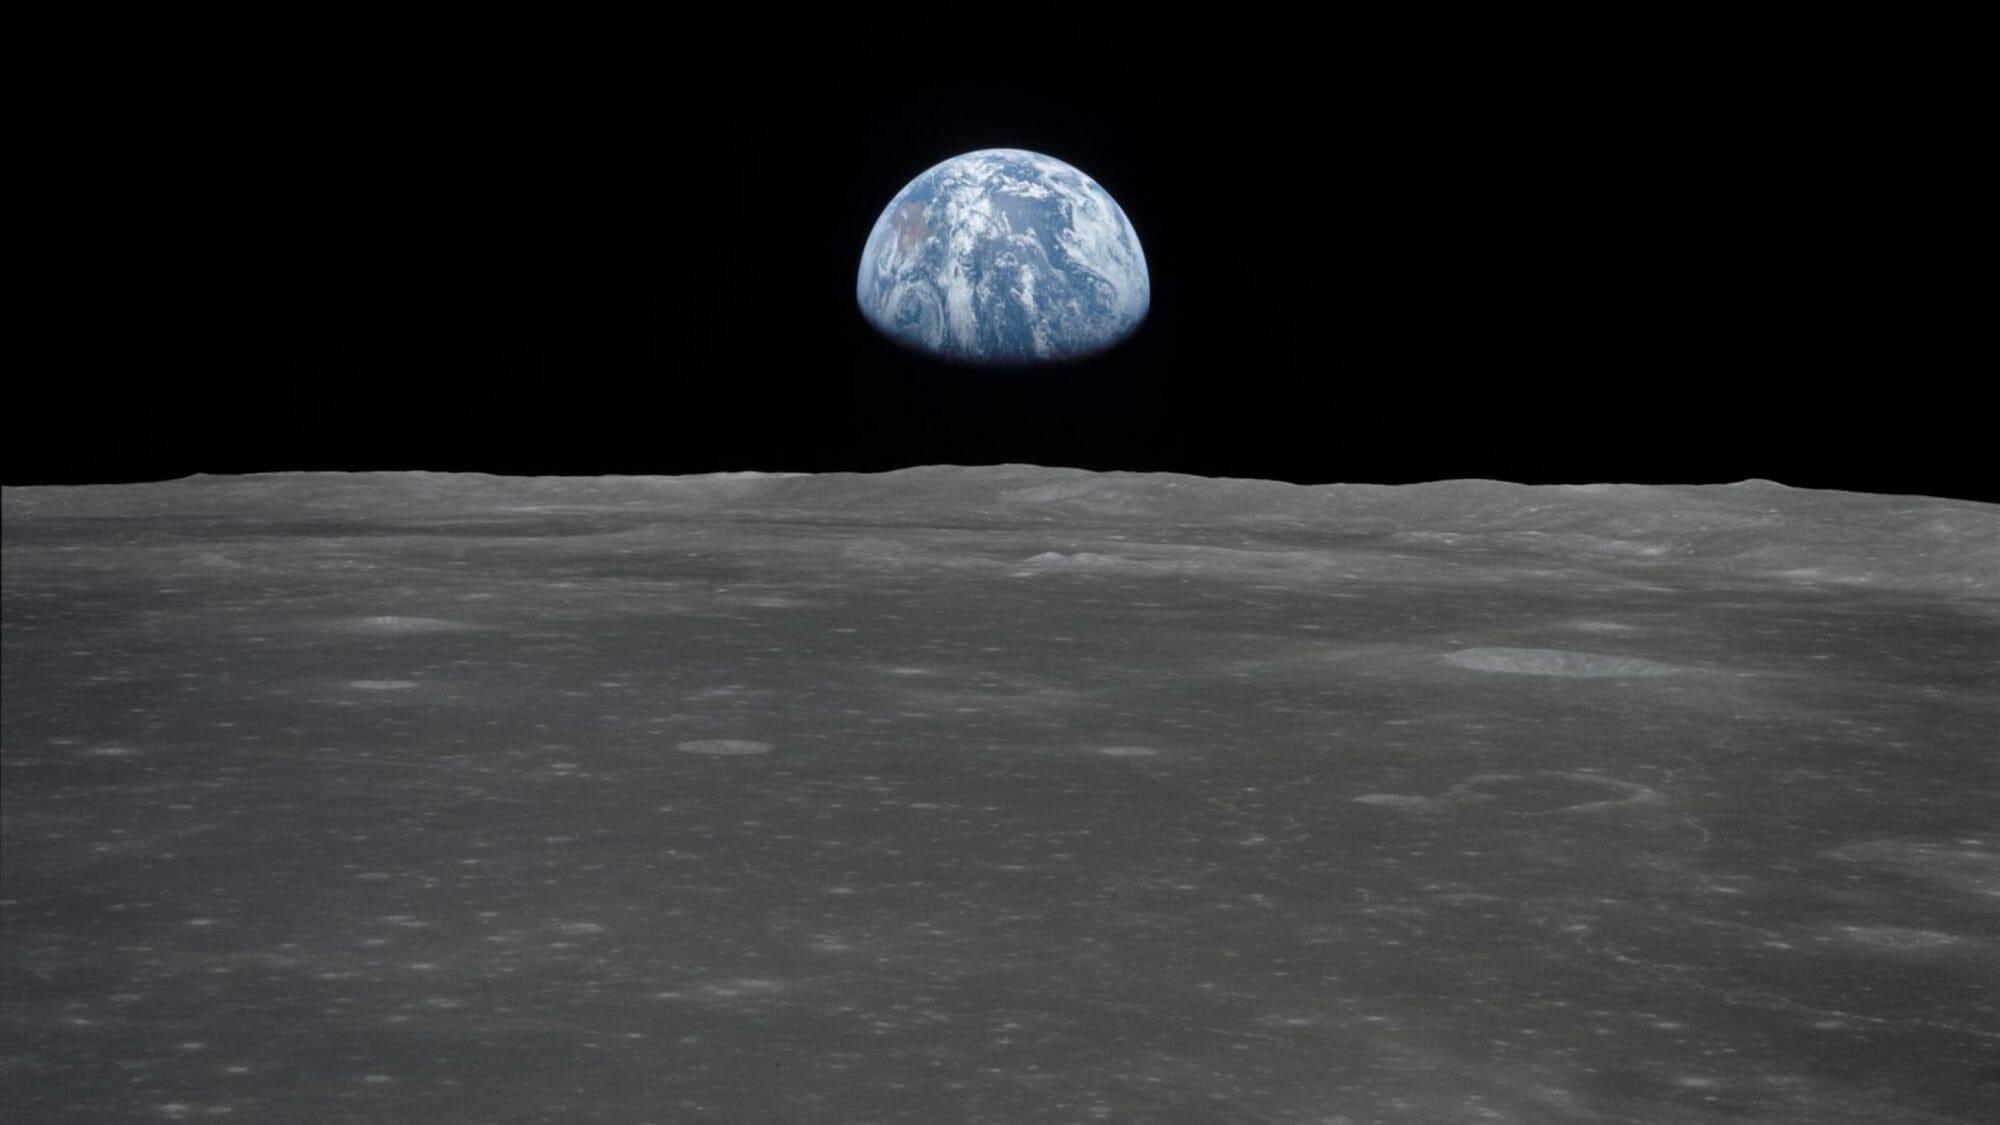 Apollo: To the Moon